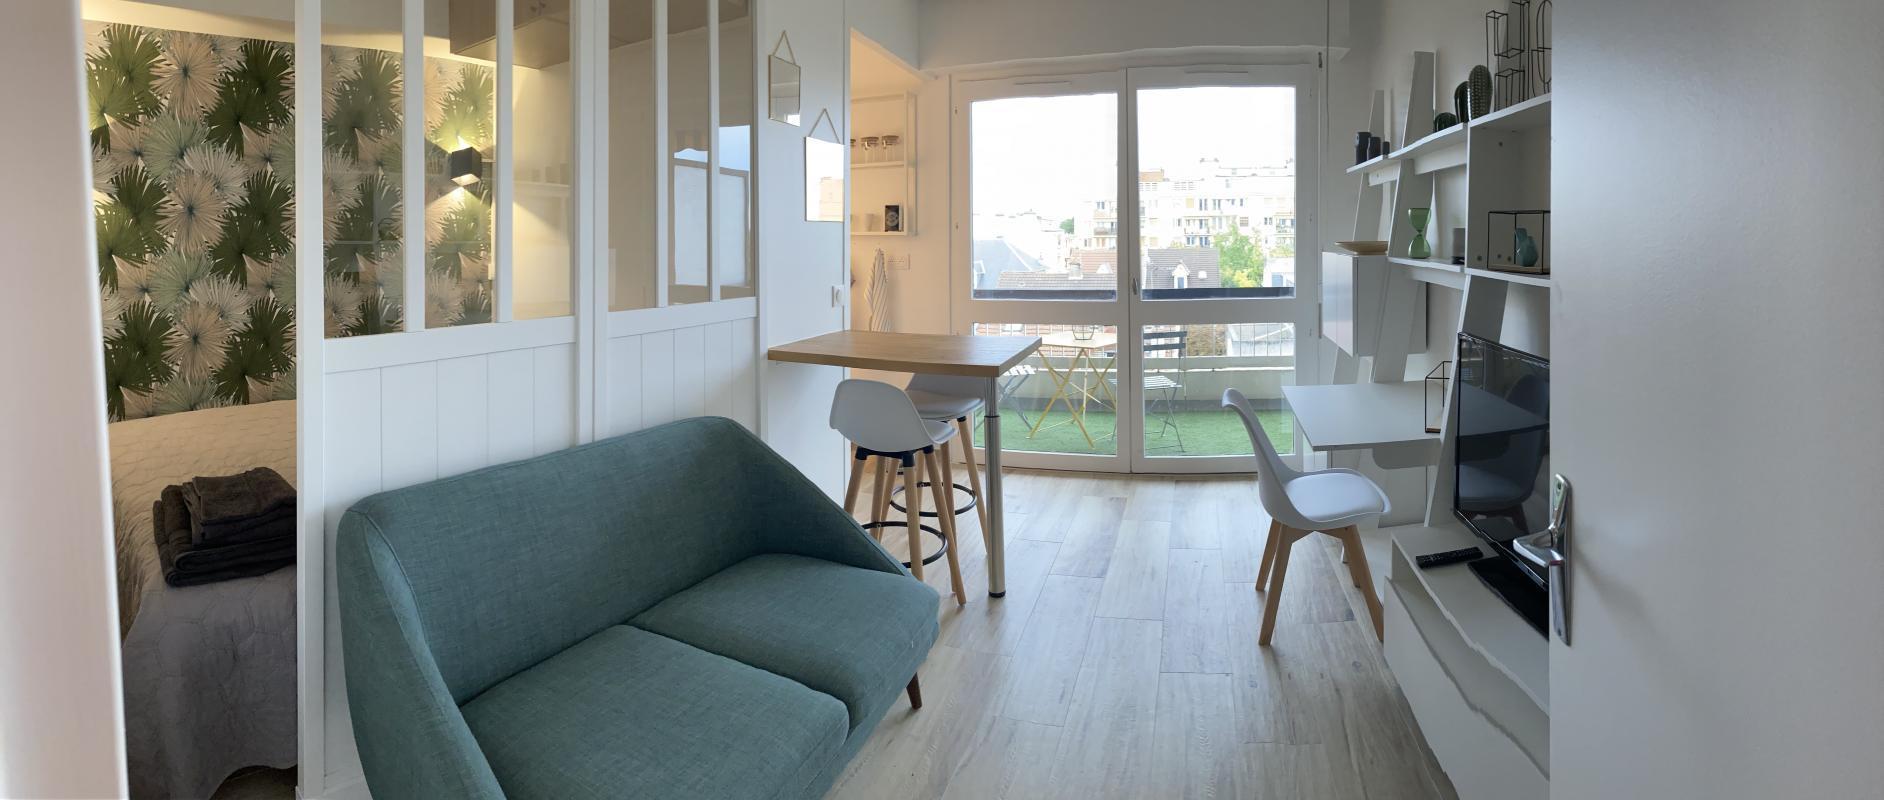 Appartement a louer colombes - 1 pièce(s) - 21 m2 - Surfyn